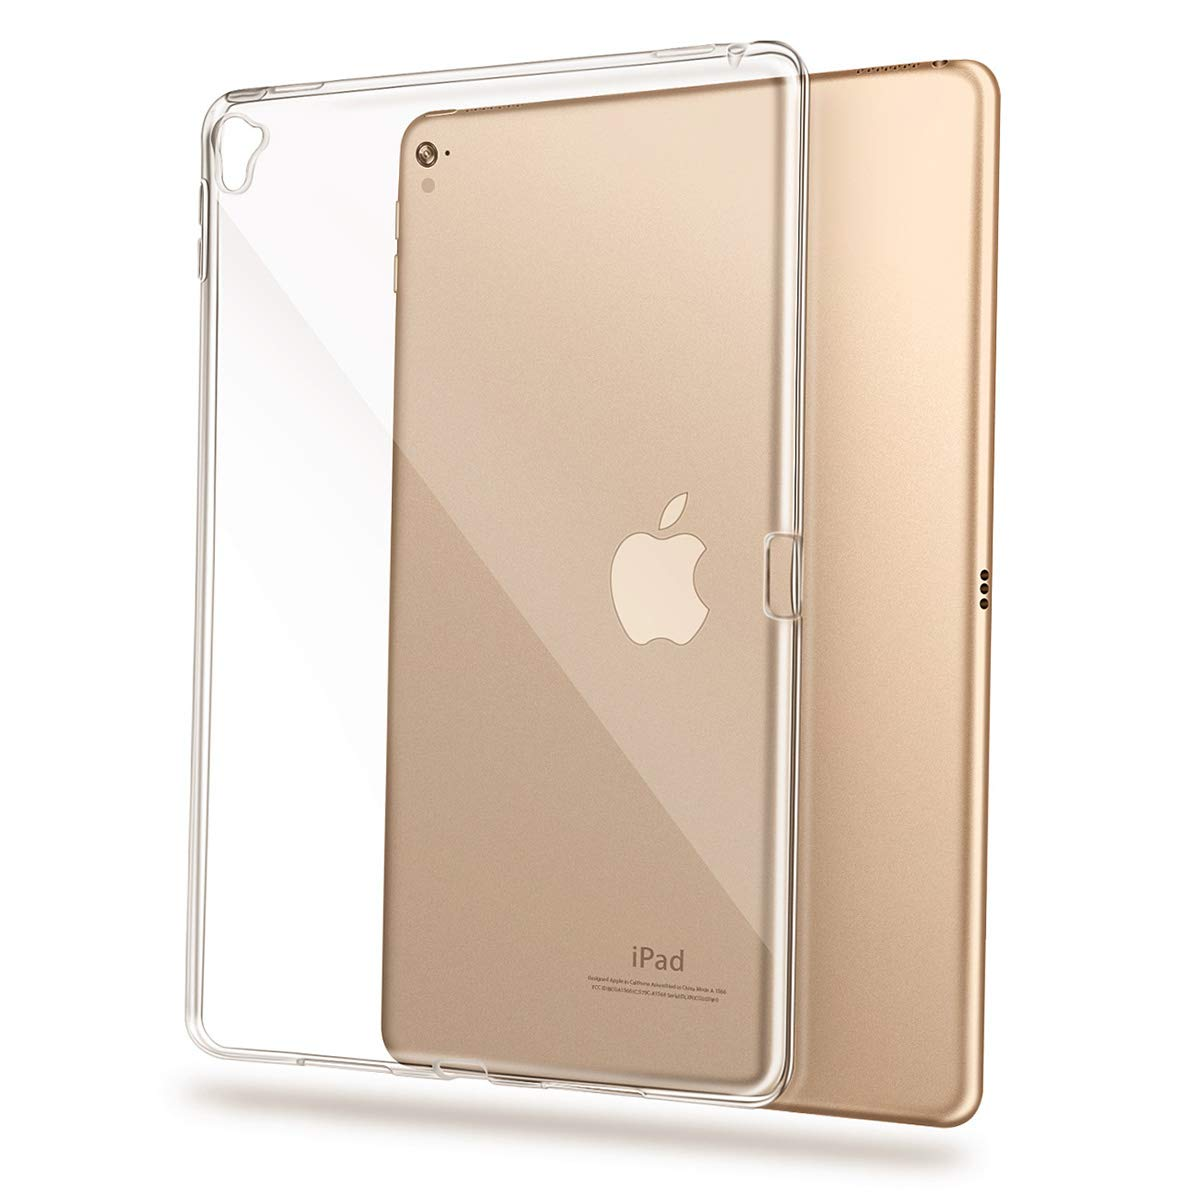 【新品、本物、当店在庫だから安心】 Codream iPad 2018に対応 Pro Pro 11インチ 2018ケース 優れたキャリーケース iPad Pro 11インチ B07KWWMPQ4 2018に対応 キャリーケース 耐衝撃性 iPad Pro 11インチ 2018年モデルに対応 B07KWWMPQ4, 湘南ワインセラー:0e023531 --- a0267596.xsph.ru